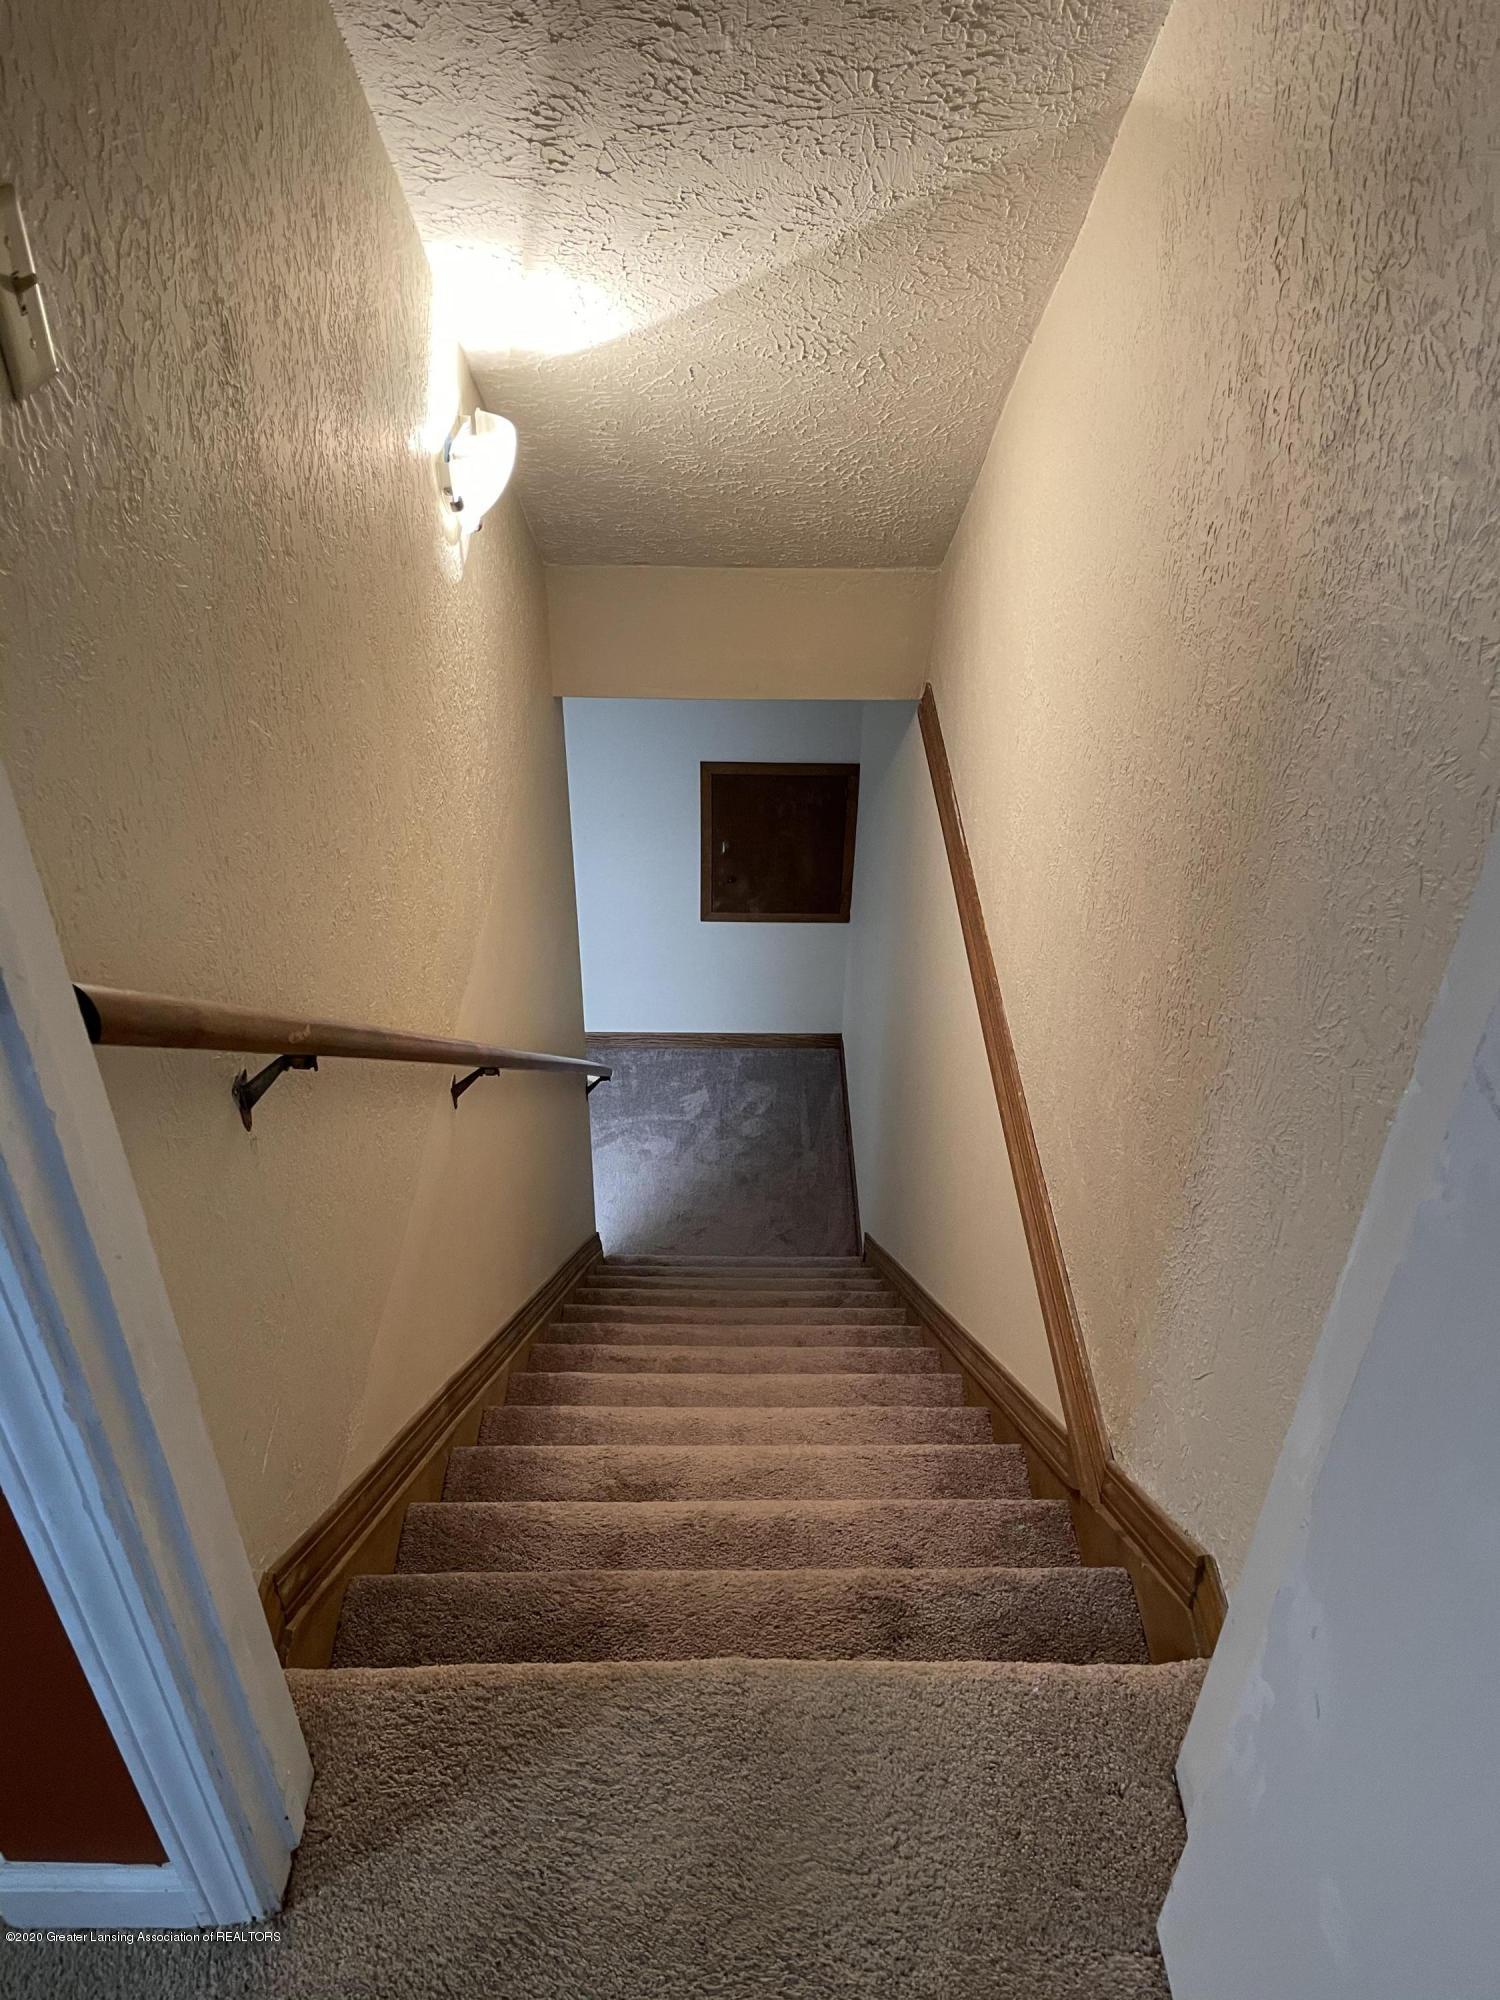 4360 Holt Rd 14 - Photo Oct 30, 11 50 11 - 27